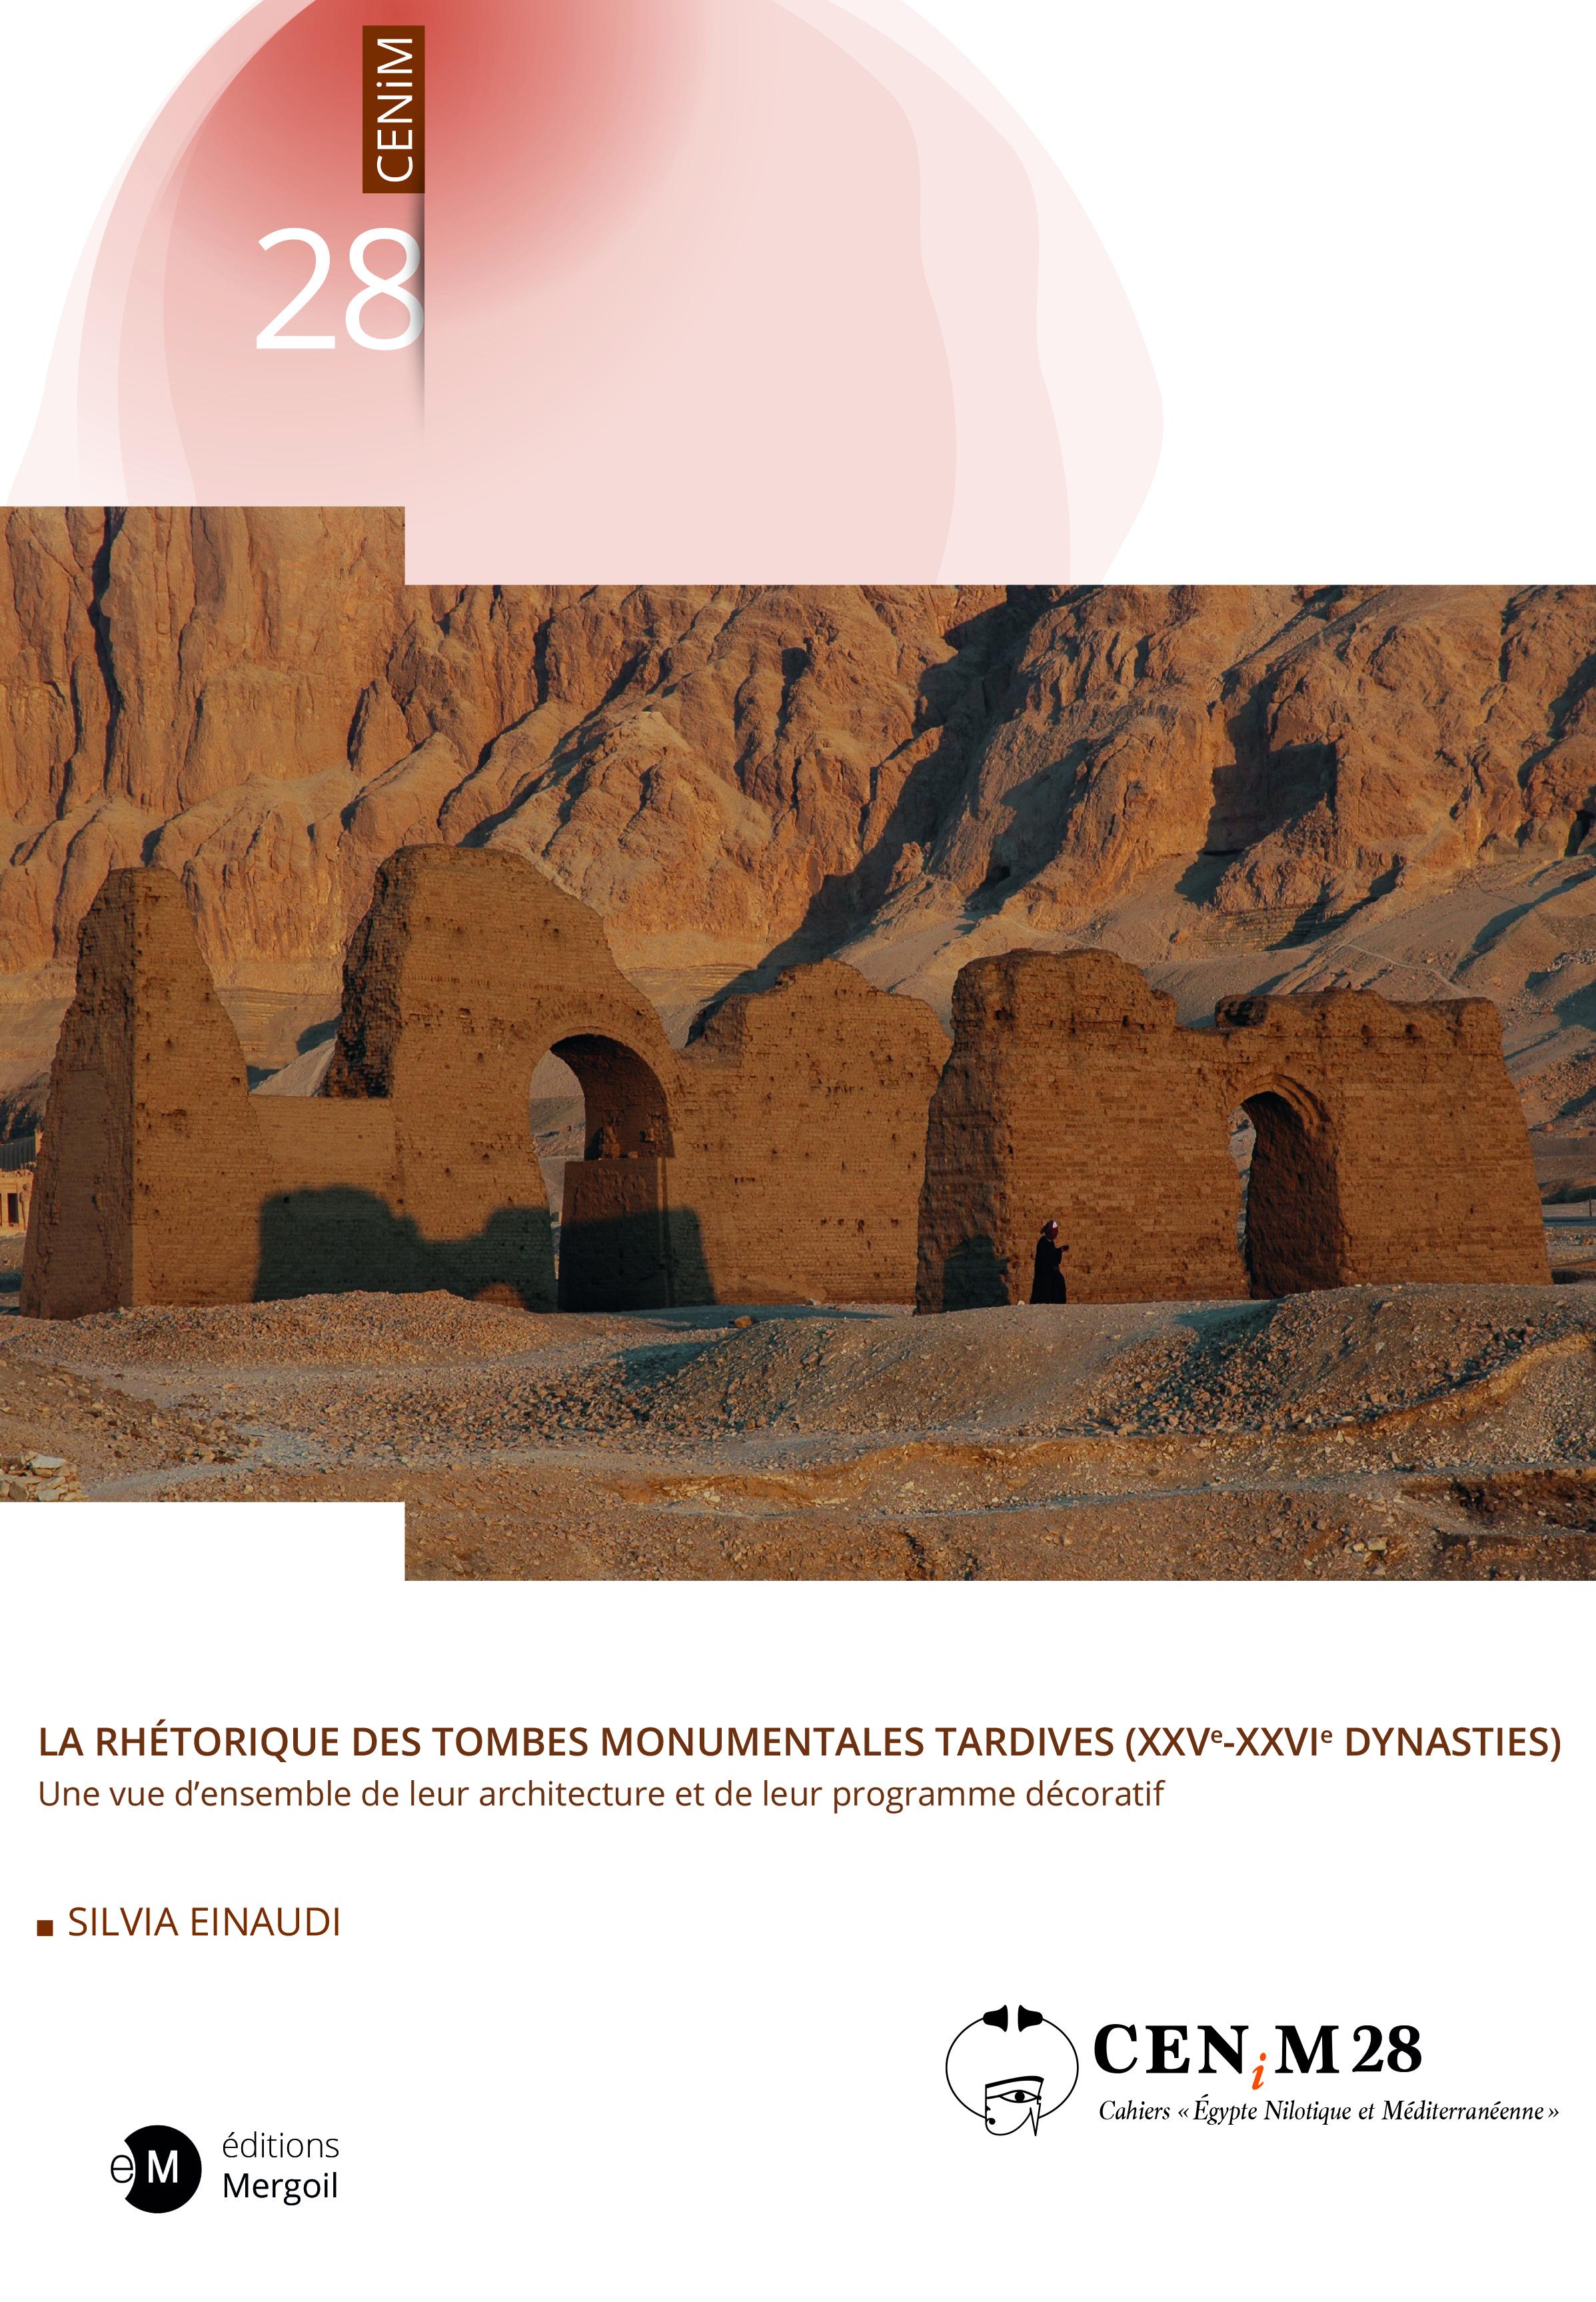 La rhétorique des tombes monumentales tardives (XXVE-XXVIe dynasties). Une vue d'ensemble de leur architecture et de leur programme décoratif.